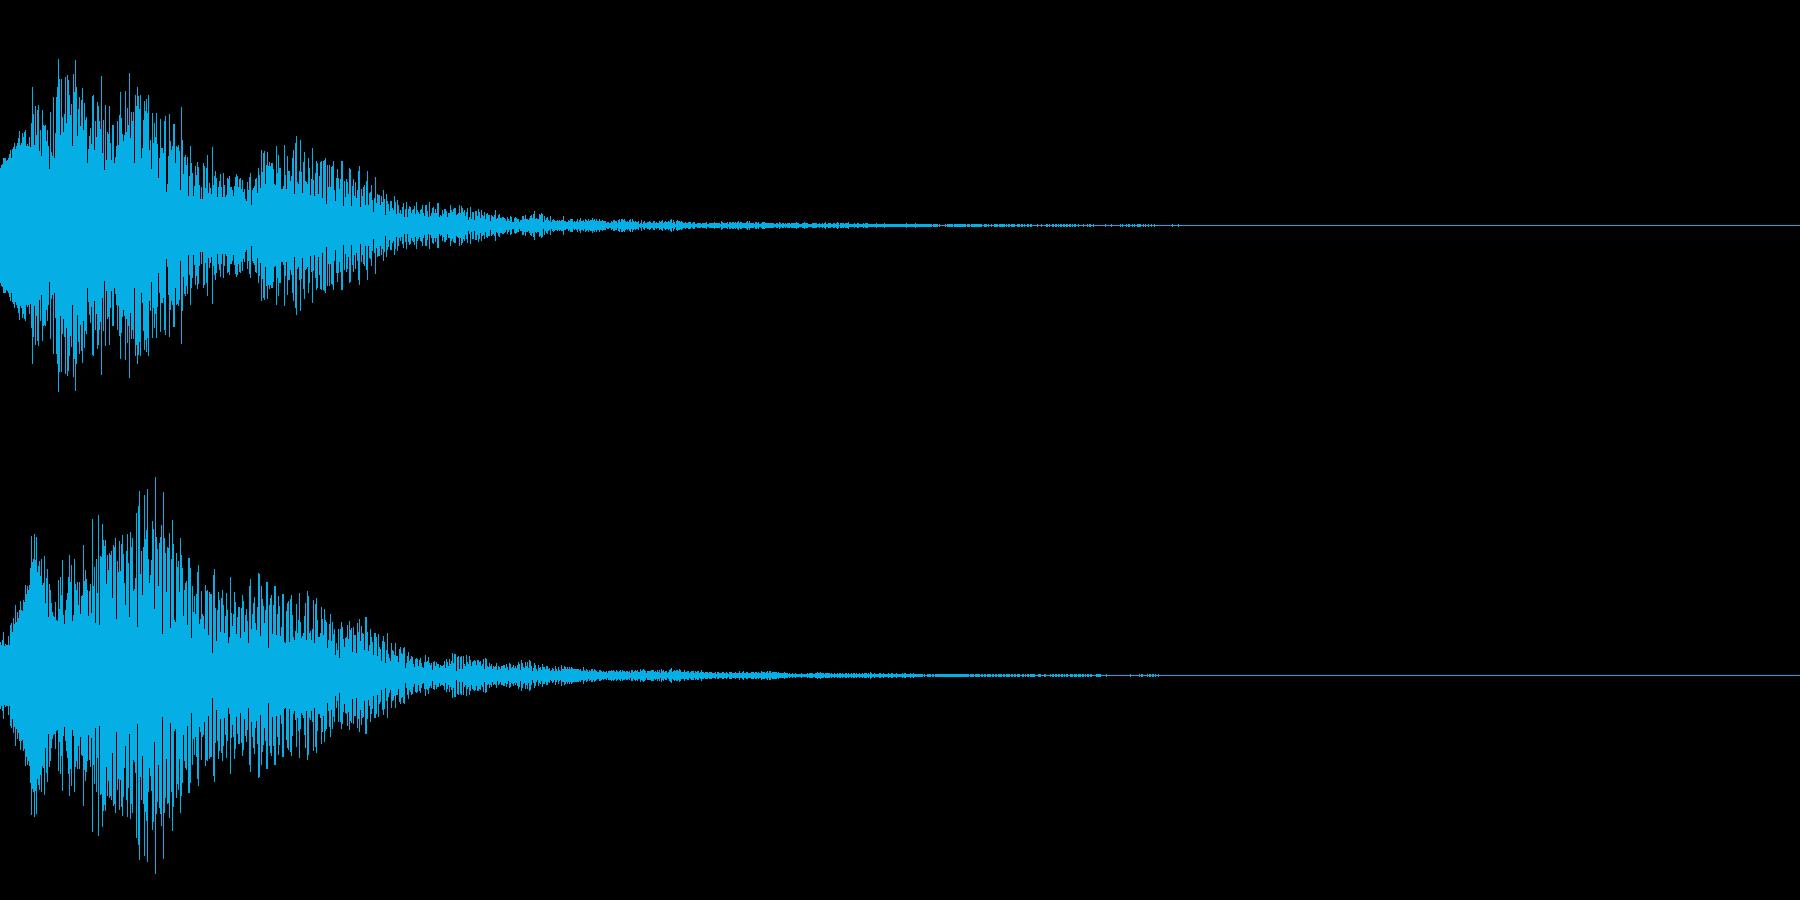 明るいテロップ音 ボタン音 決定音08bの再生済みの波形